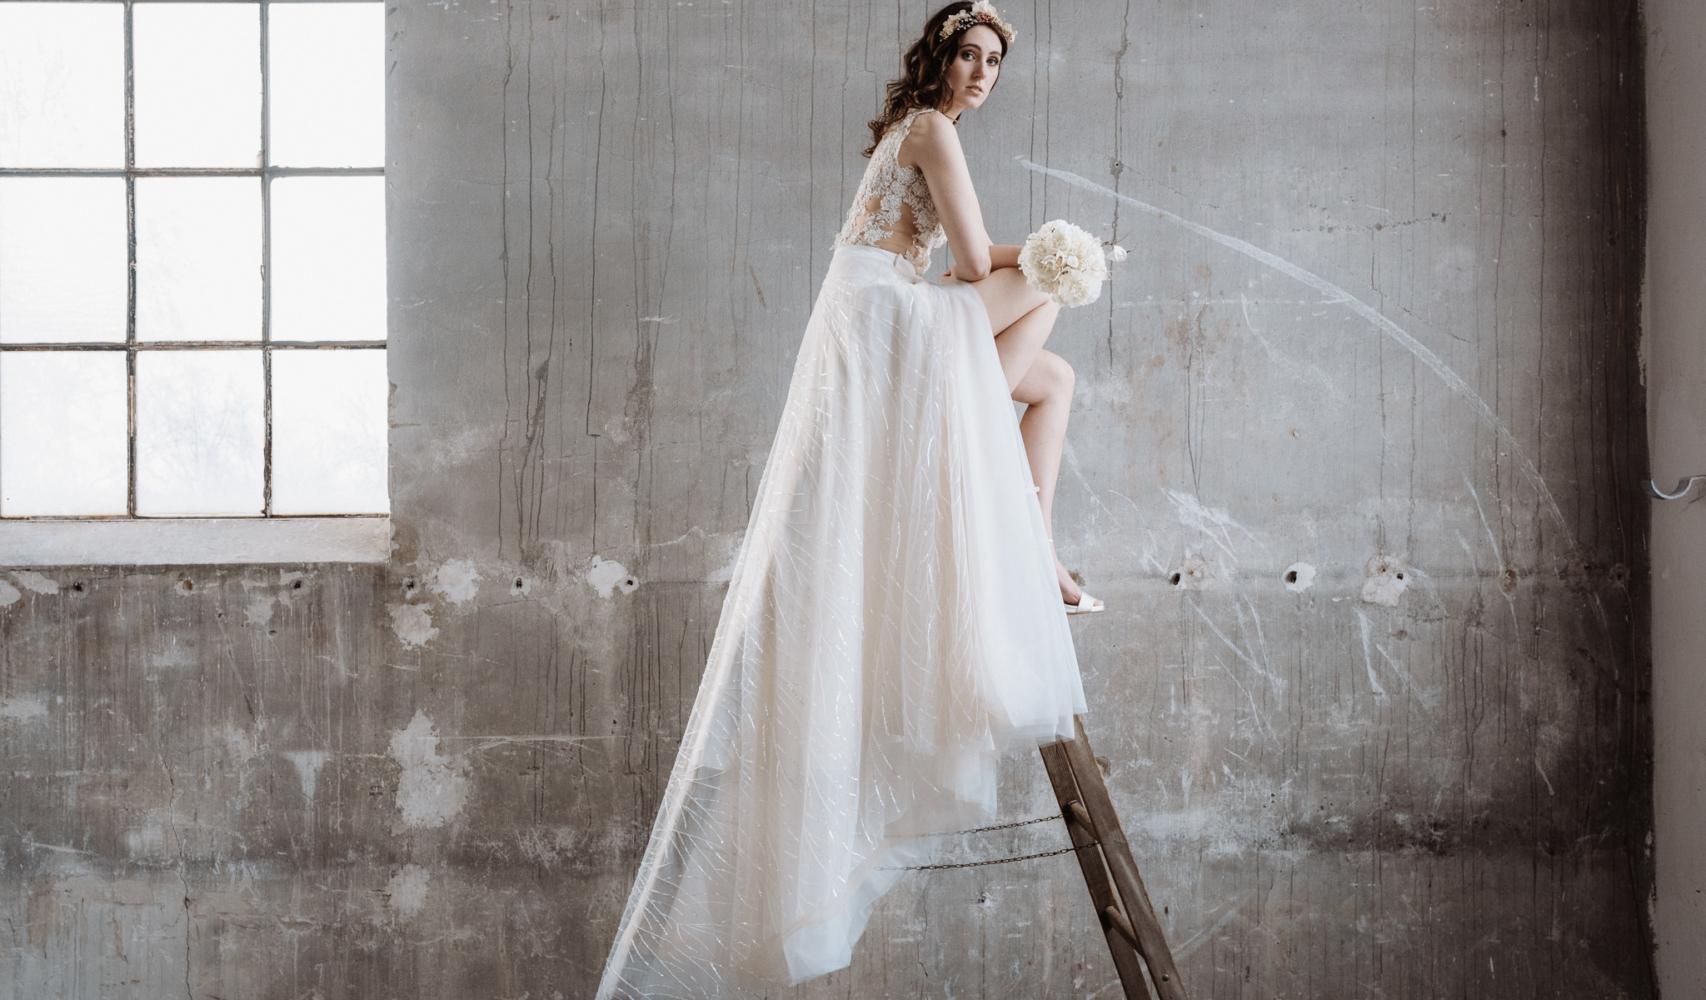 Bridal Editorial Nina LR-29